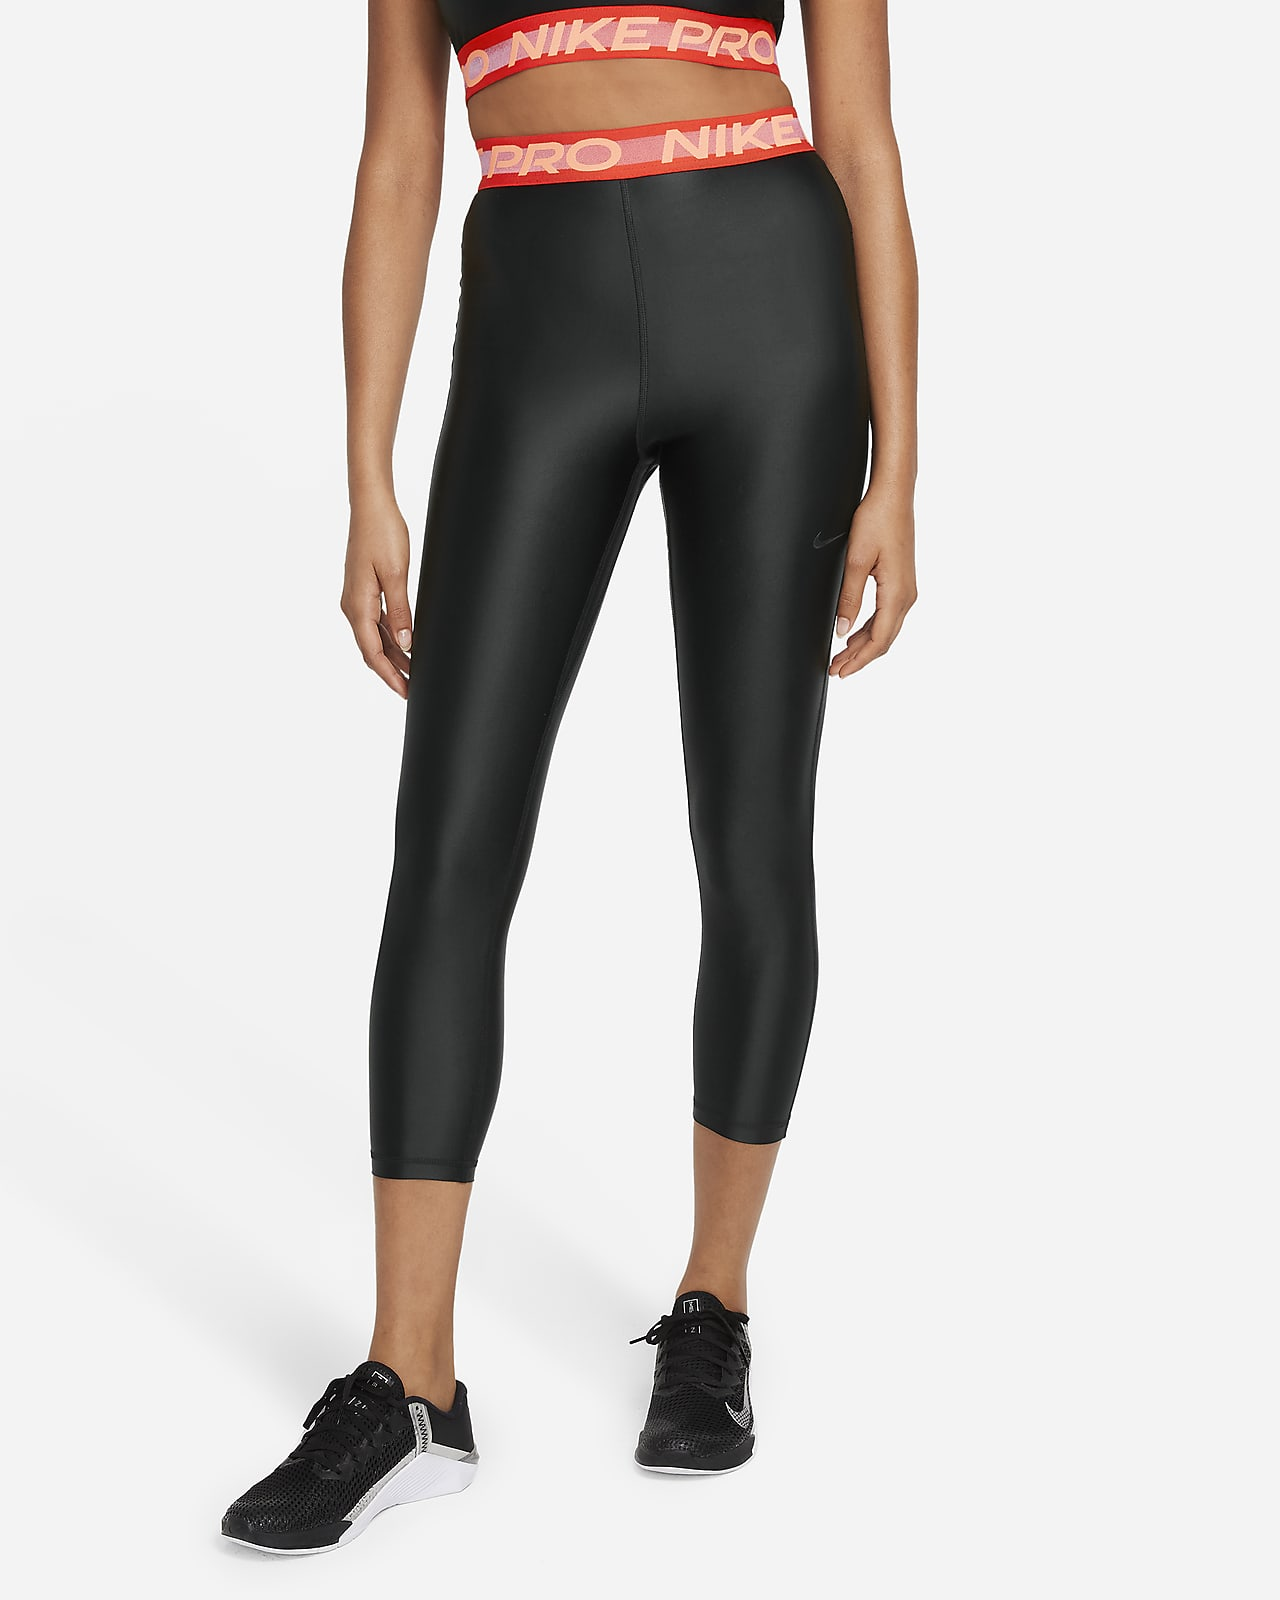 Nike Pro Women's High-Waisted 7/8 Leggings